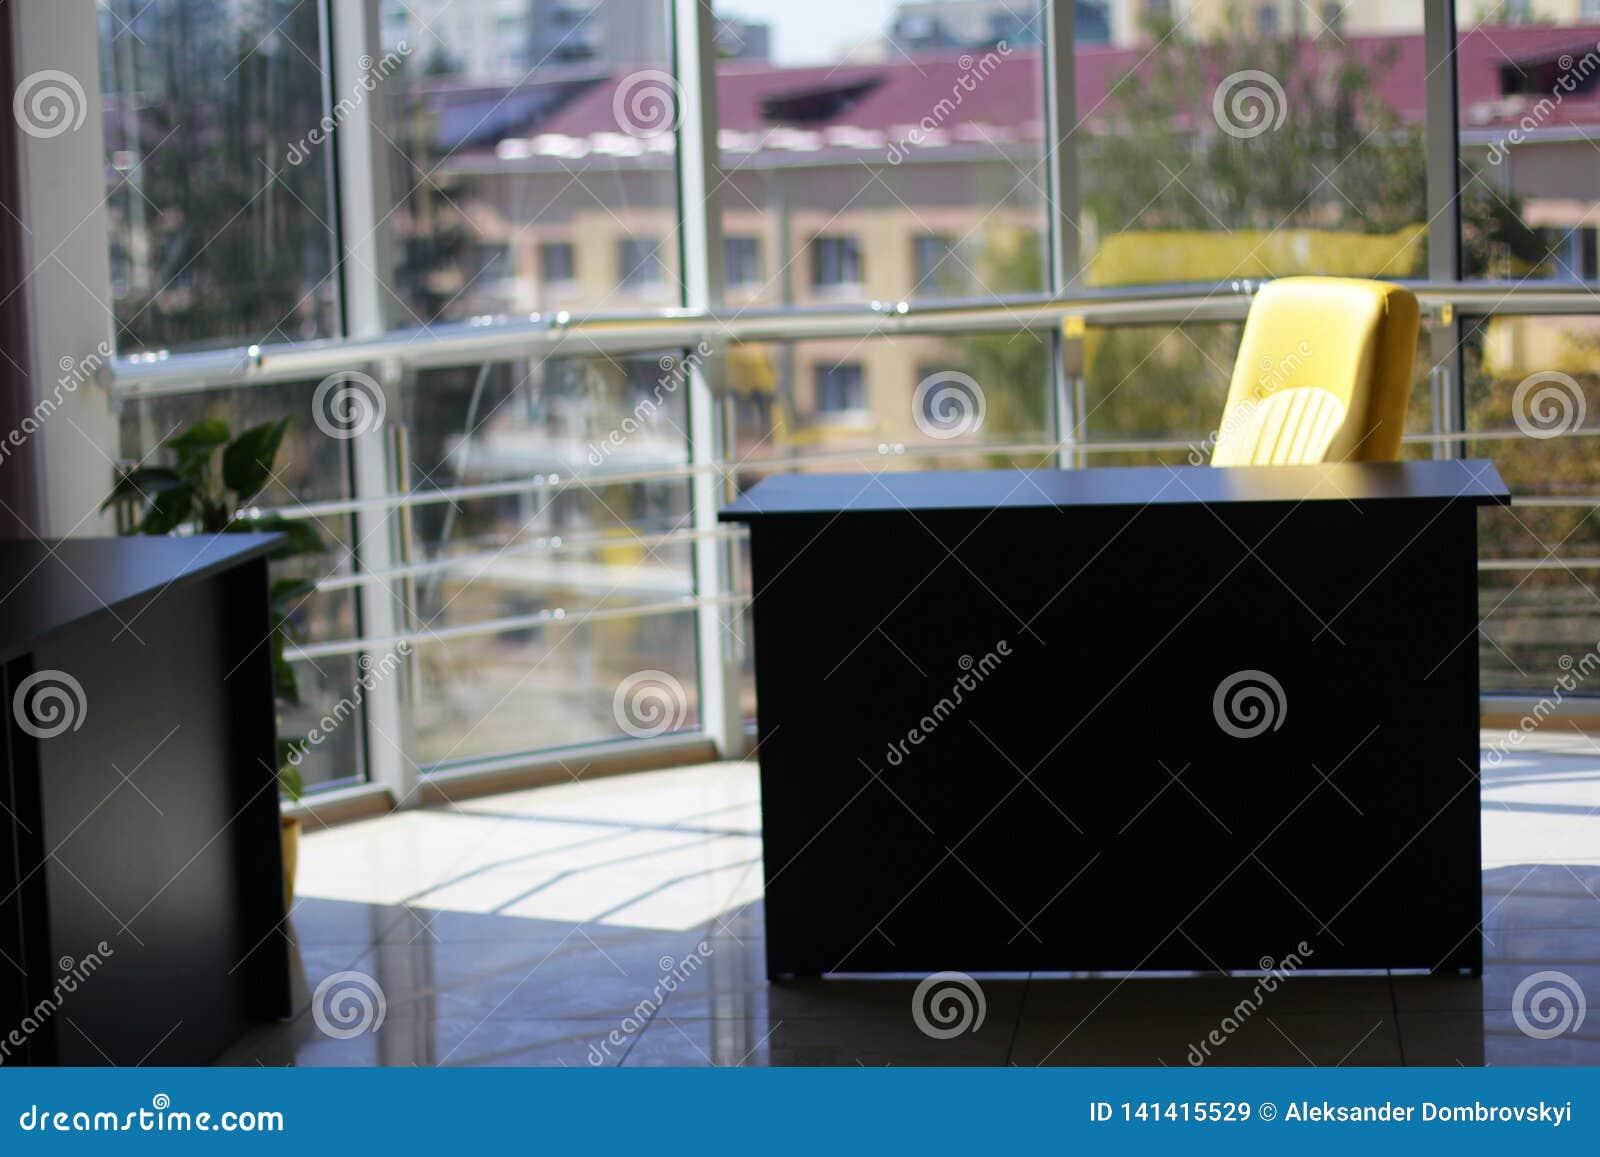 Geschäftslokal mit Glaswand und schöner Ansicht